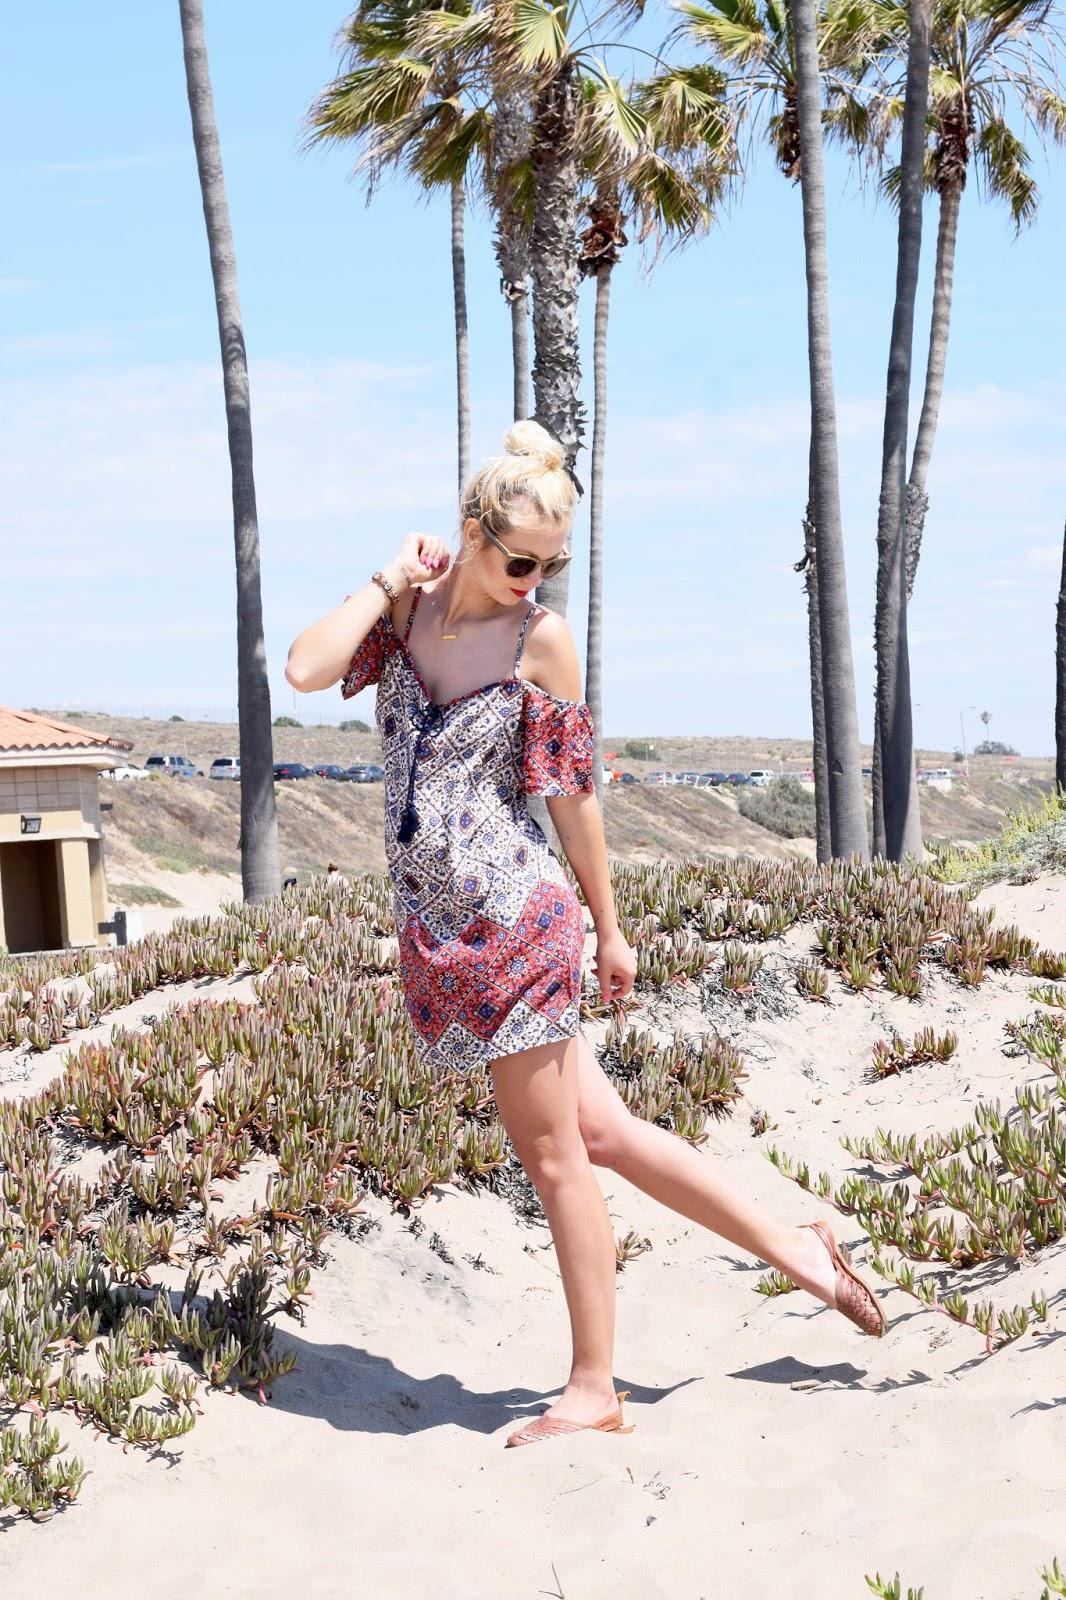 BeBop, boho, boho dress, bohemian dress, boho style, beach, cali girl, cali style, bebop clothing